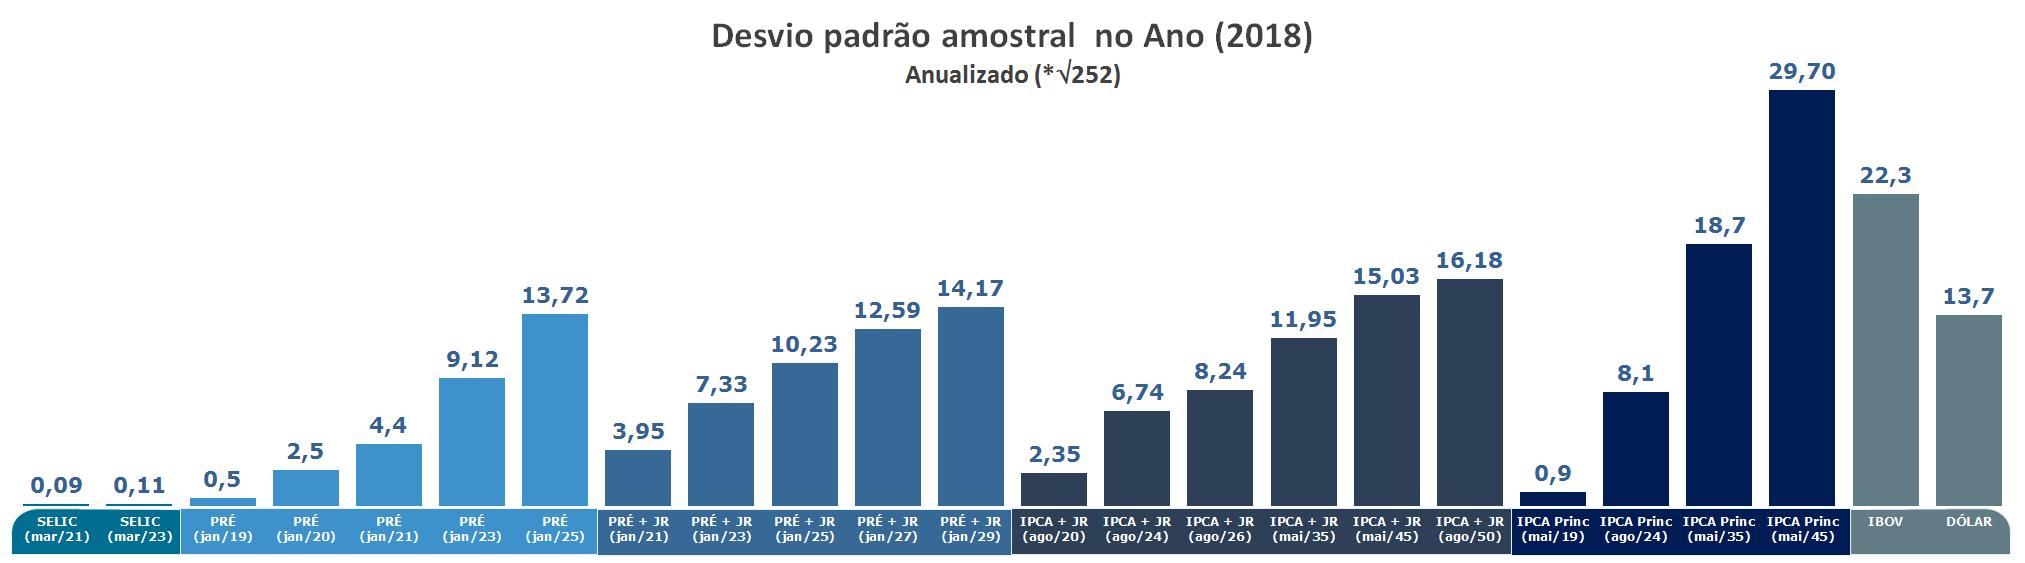 Gráfico de Volatilidade 252 anualizada (Risco de Mercado) do Tesouro Direto em 2018 Ibovespa e Dólar